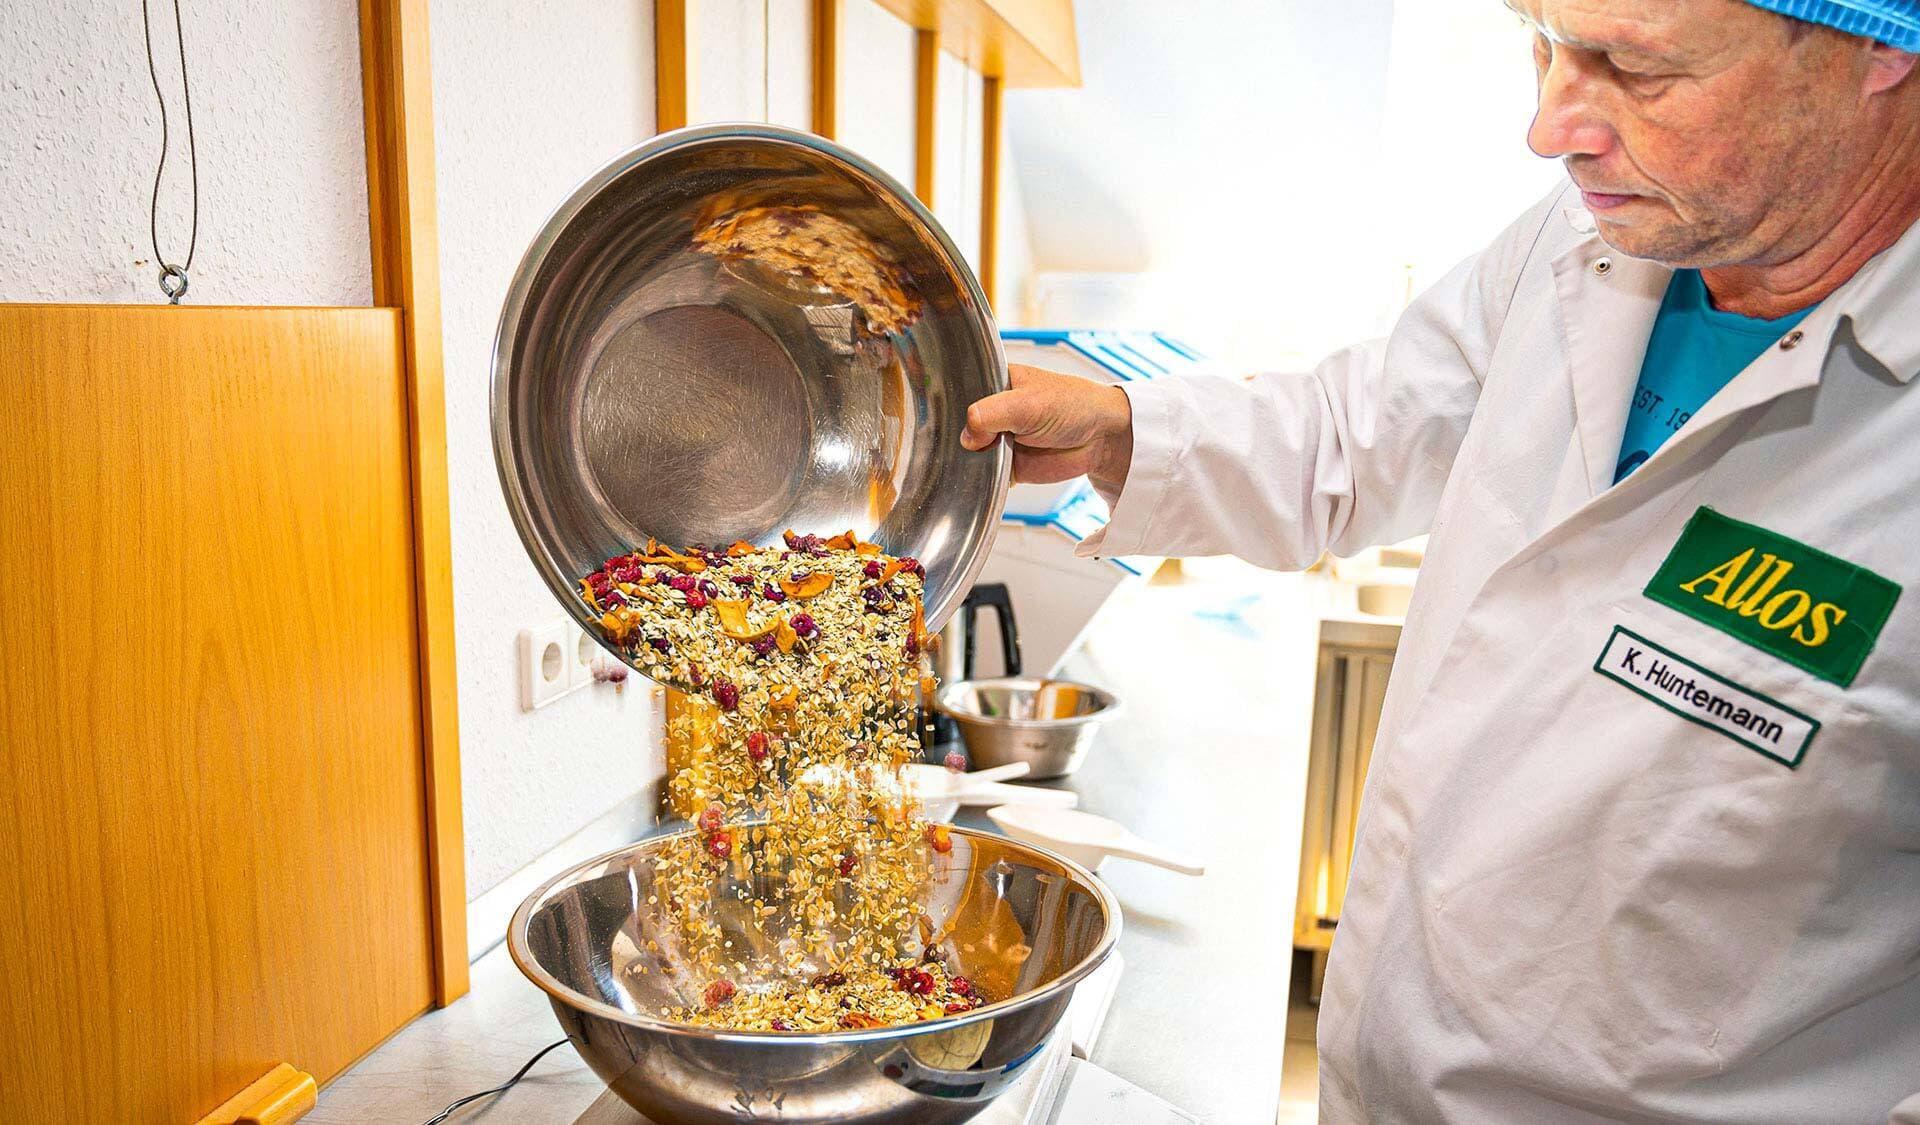 Fertig gemischtes Müsli wird in eine Schale geschüttet.